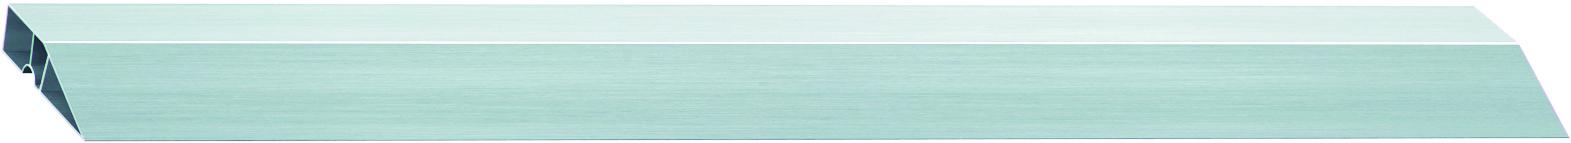 Правило алюминиевое Сибртех Трапеция, 2 ребра жесткости, длина 1 м правило сибртех 89604 алюминиевое трапеция 2 ребра жесткости l 2 5 м